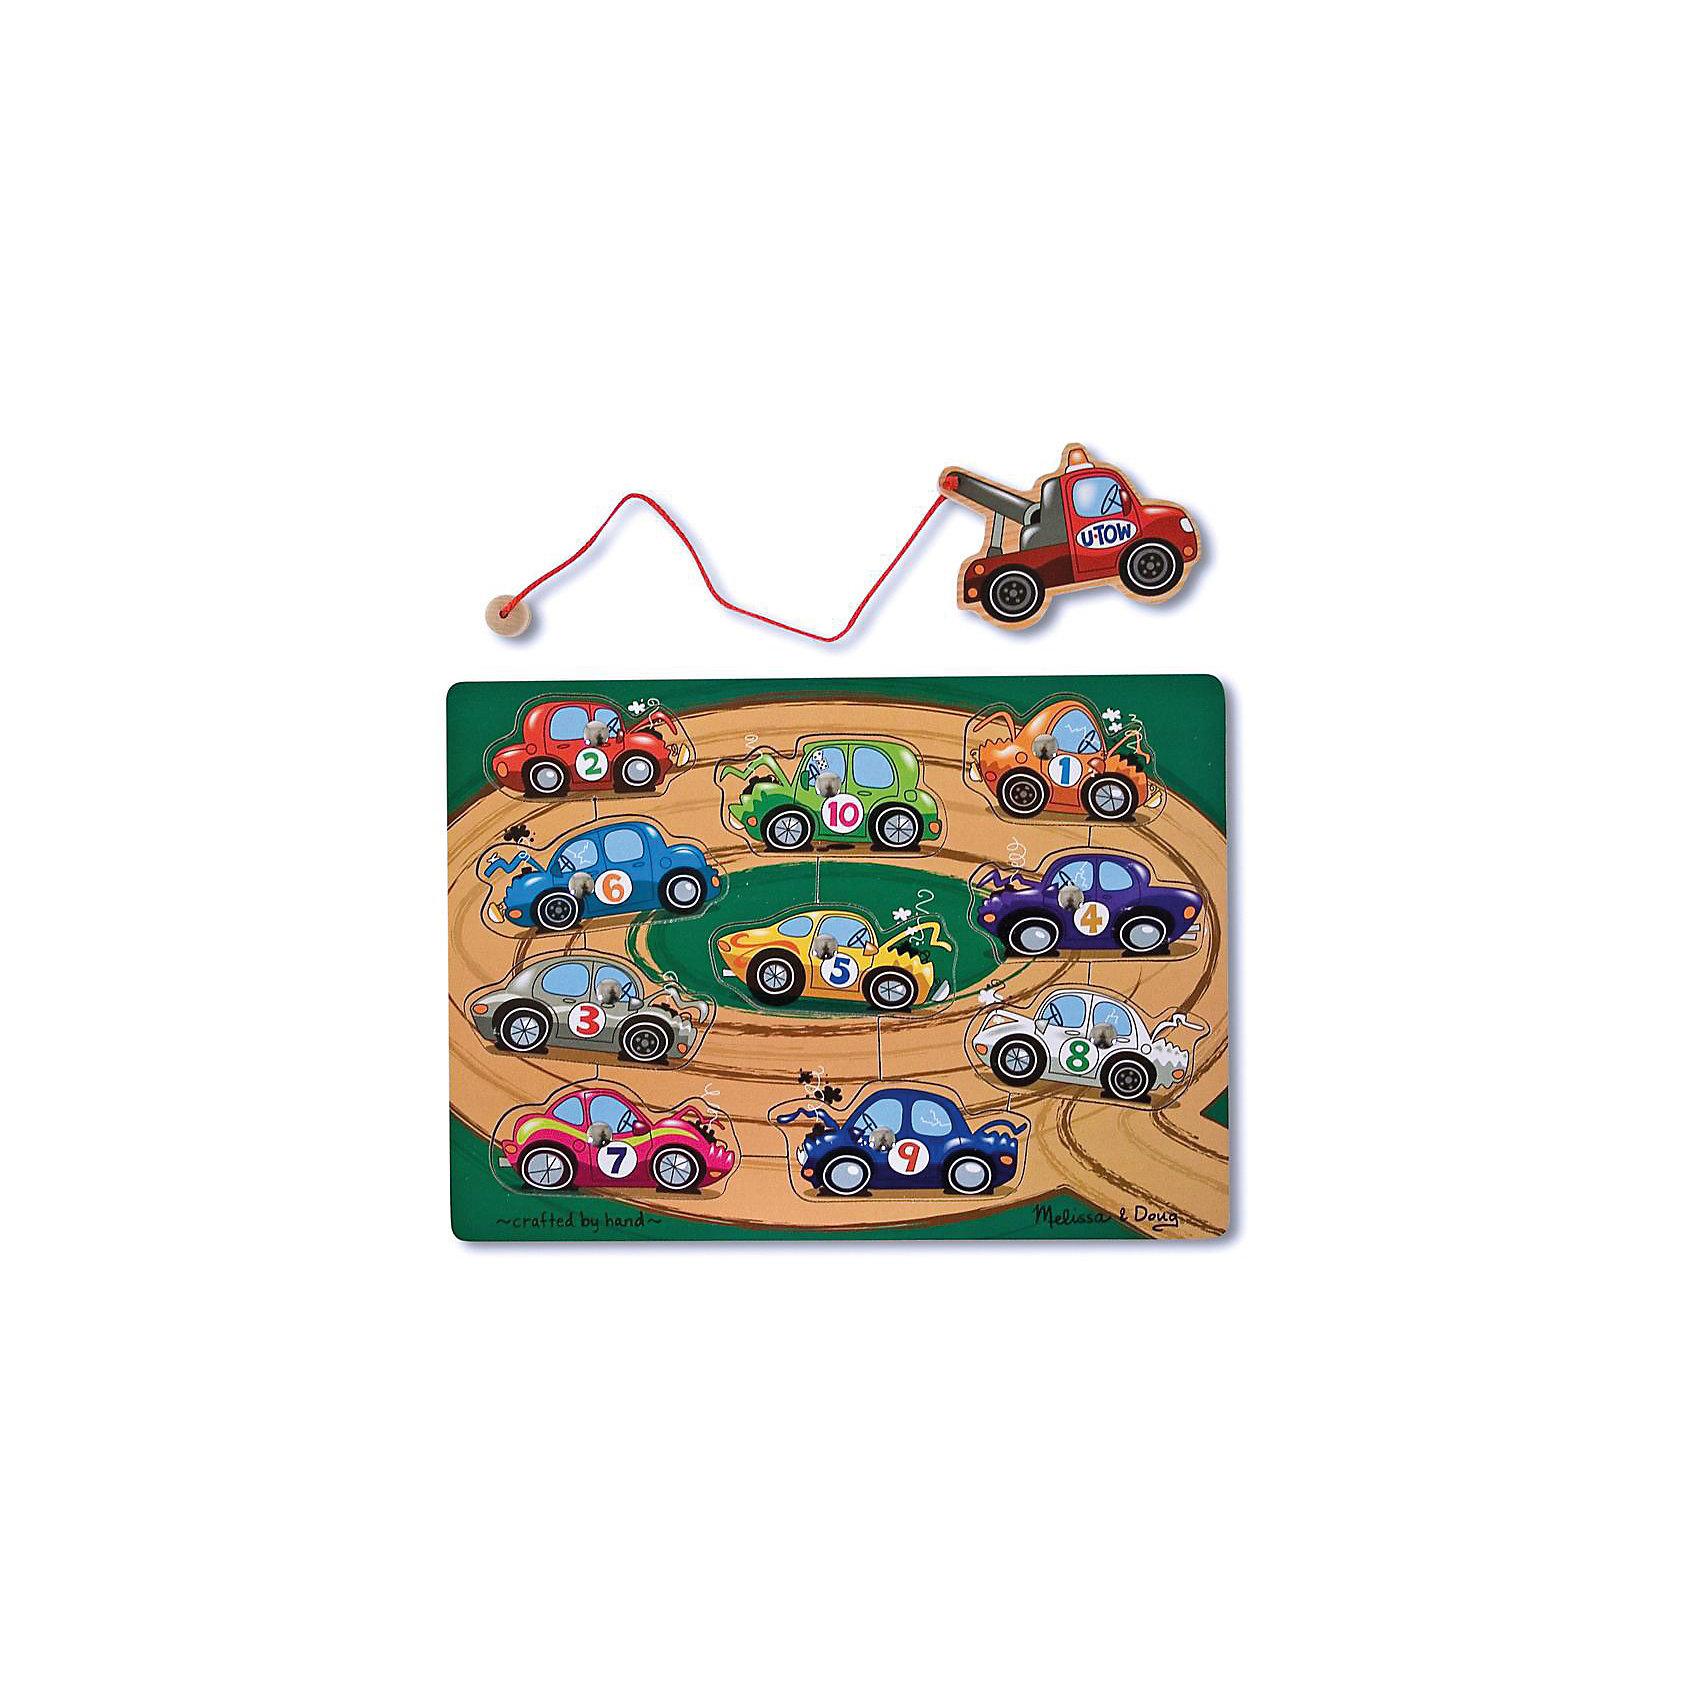 Магнитная игра Взять на буксир, Melissa&amp;DougРамки-вкладыши<br>Магнитная игра Взять на буксир, Melissa&amp;Doug - красочная развивающая игрушка, которая познакомит Вашего малыша с разными видами транспорта. Рамка-основа представляет из себя яркую картинку с изображением автомобильной трассы. В специальные углубления вставлены детальки с различными видами транспорта, каждая деталь строго на свое место. Цель игры -  при помощи блока-буксира с веревкой вынимать детали из основы, а затем возвращать каждый автомобиль на свое место. <br><br>На каждой детали-автомобиле прикреплен магнит, что позволяет малышу легко и просто доставать буксиром машинки из основы. Все детали игры качественно обработаны и окрашены безопасными красителями. Игра развивает координацию движений, мелкую моторику, внимание, навыки начального счета и логическое мышление.<br><br>Дополнительная информация:<br><br>- Материал: дерево. <br>- Размер упаковки: 2,5 х 23 х 30,5 см.<br>- Вес: 0,5 кг.<br> <br>Магнитную игру Взять на буксир, Melissa&amp;Doug, можно купить в нашем интернет-магазине.<br><br>Ширина мм: 20<br>Глубина мм: 220<br>Высота мм: 290<br>Вес г: 430<br>Возраст от месяцев: 36<br>Возраст до месяцев: 72<br>Пол: Унисекс<br>Возраст: Детский<br>SKU: 2401076